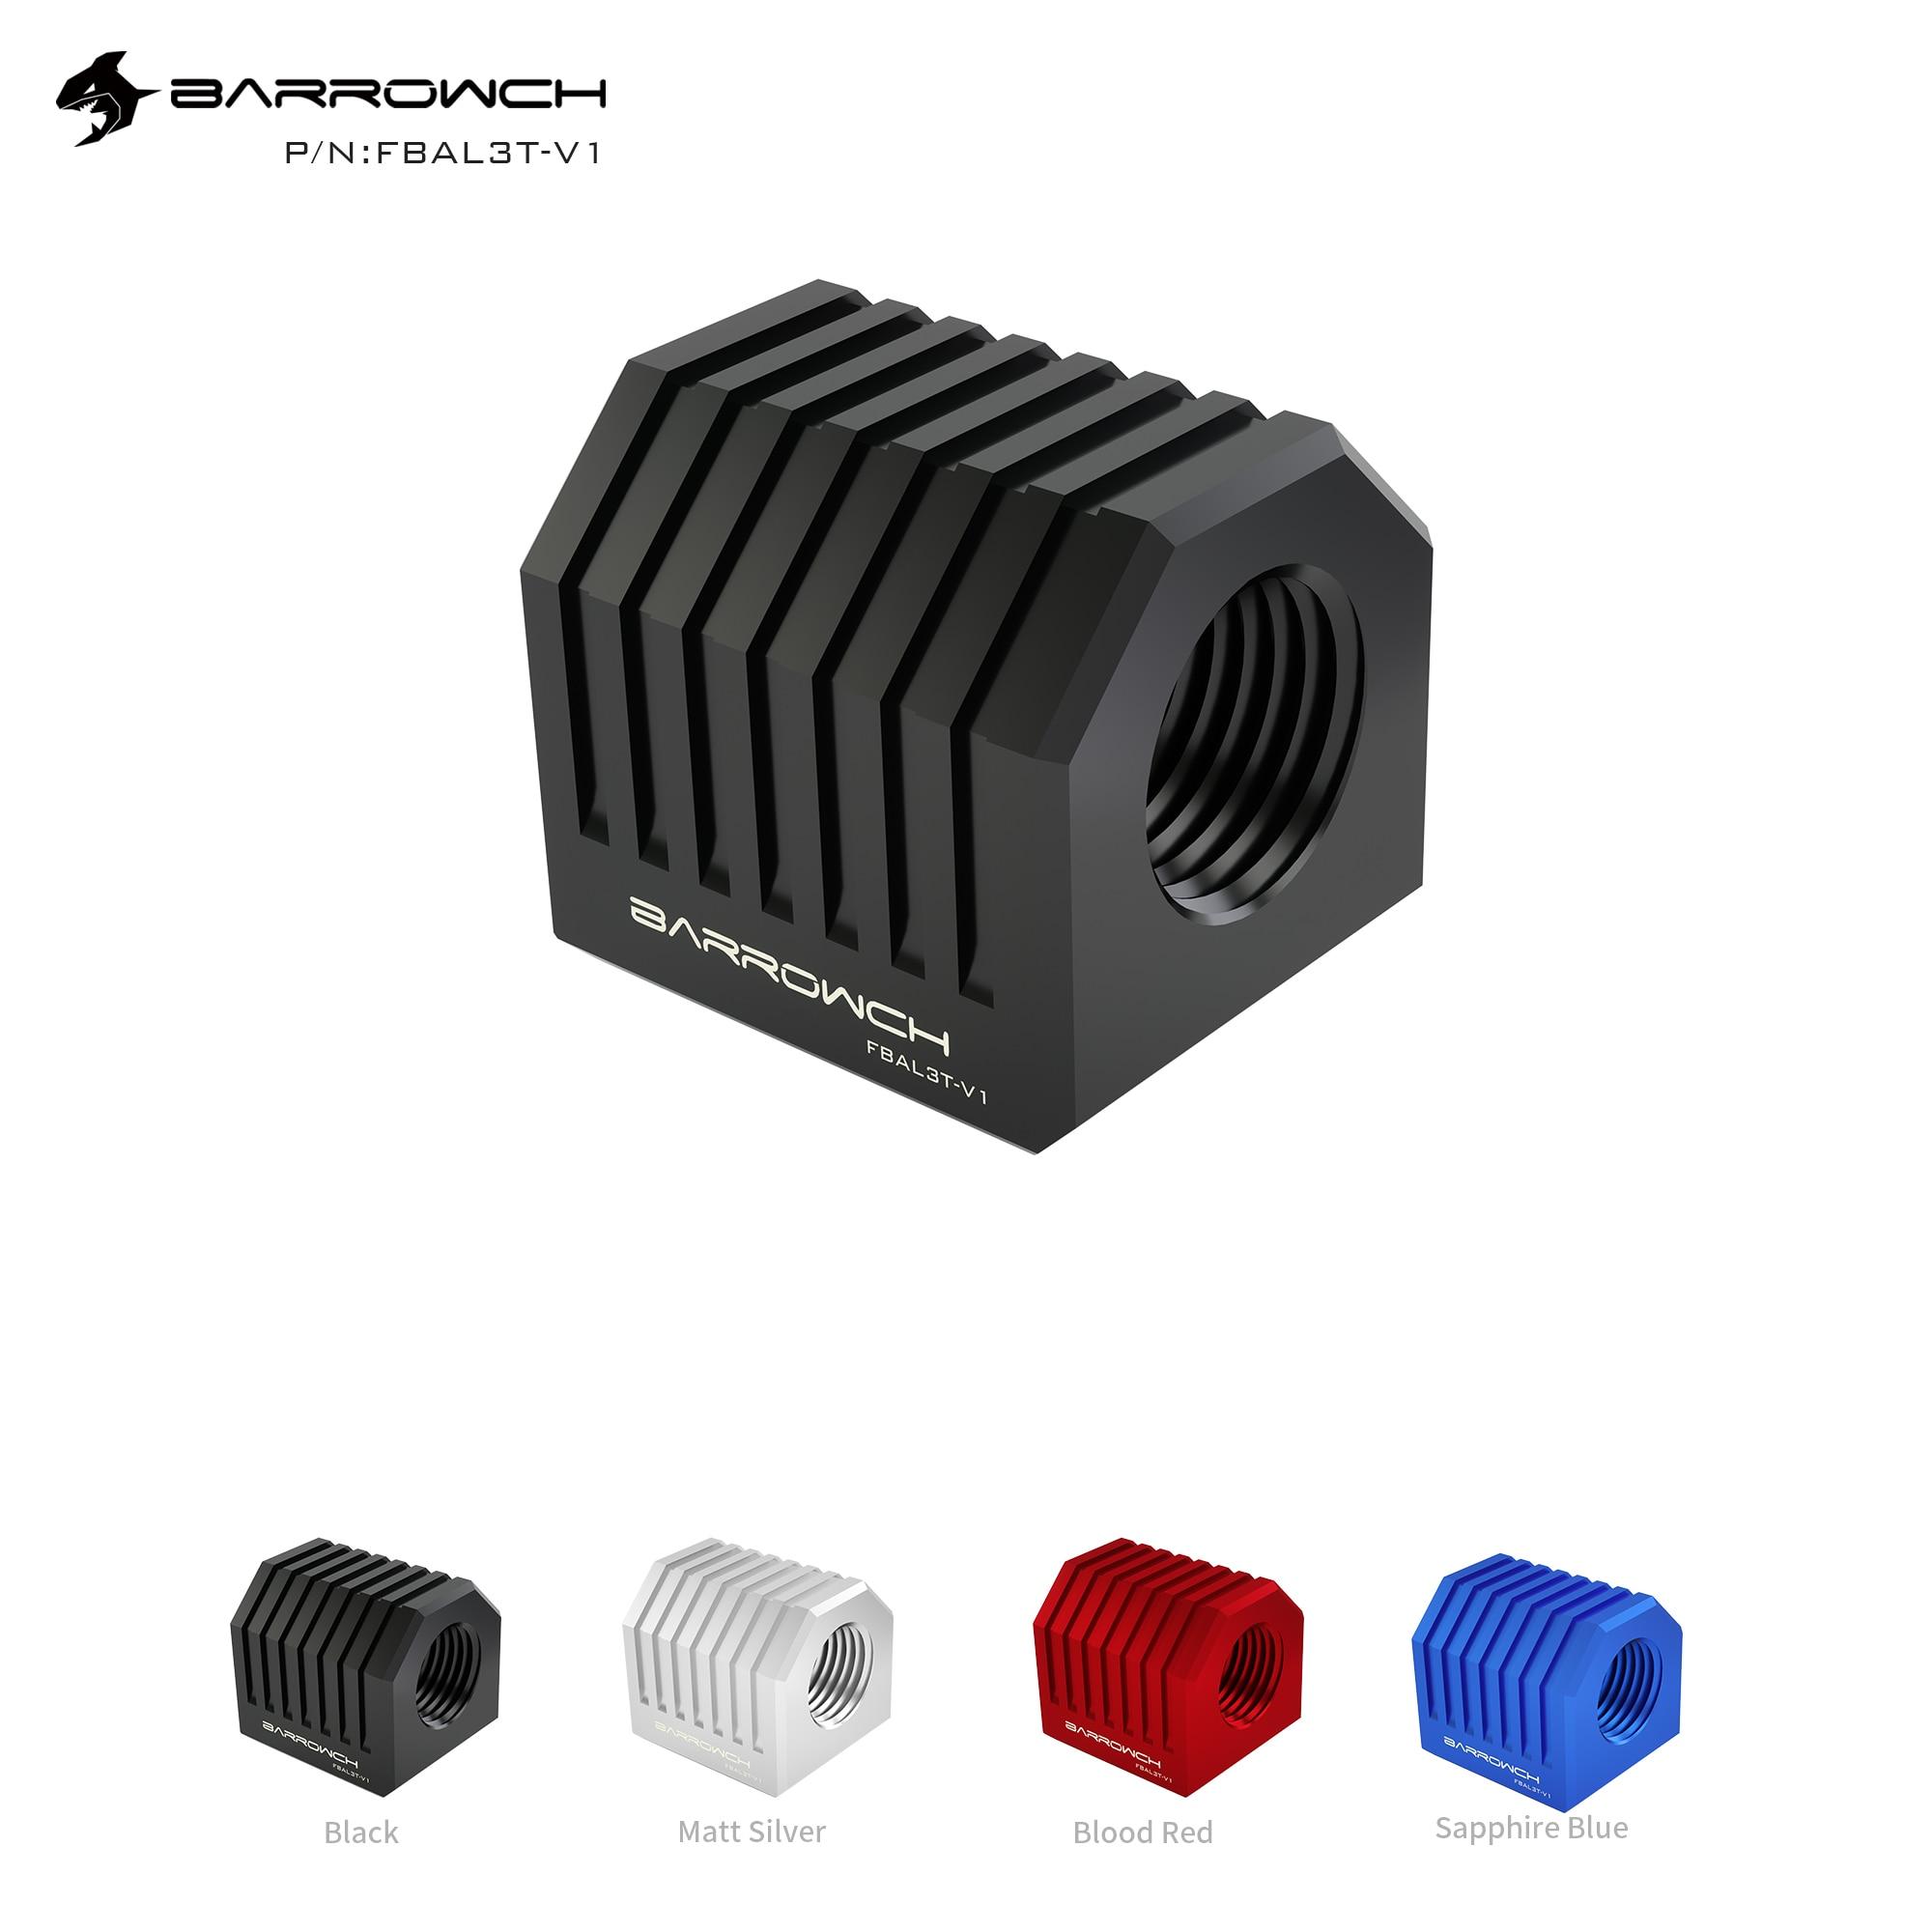 Barrowch  Aluminium alloy Cube Adaptor - 3Way G1/4 X3 Red/Black/Silver/blue FBAL3T-V1